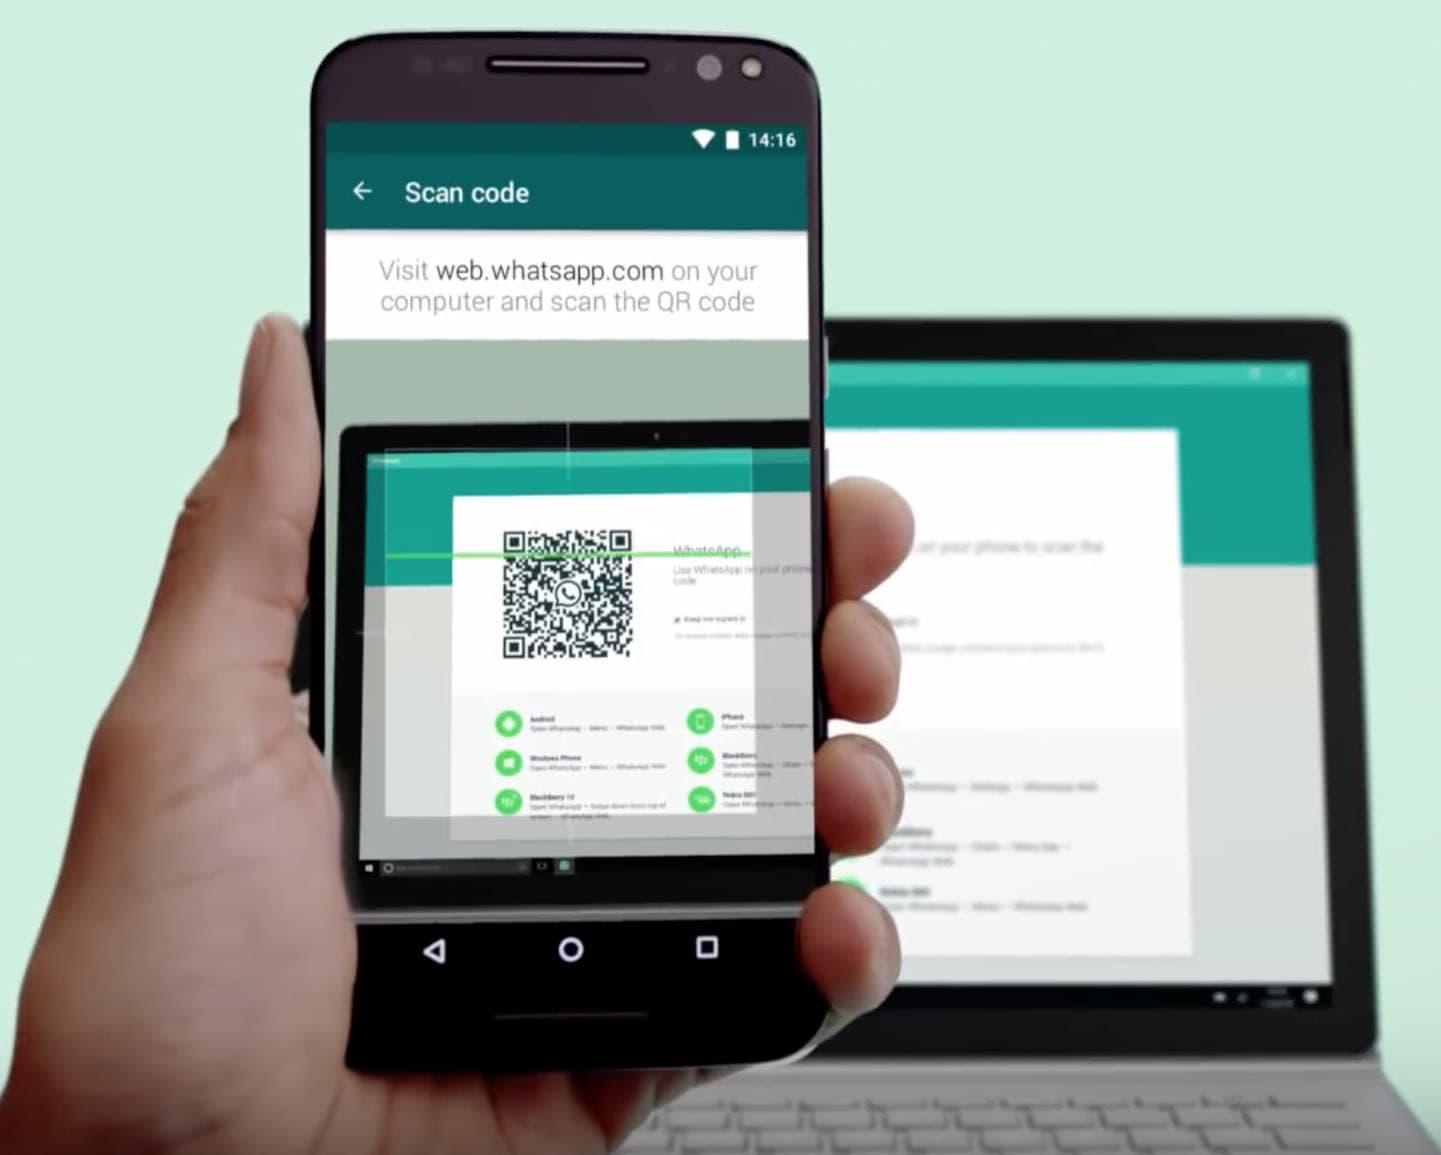 طريقة تطبيق واتساب ويب للكمبيوتر WhatsApp Web للتجسس